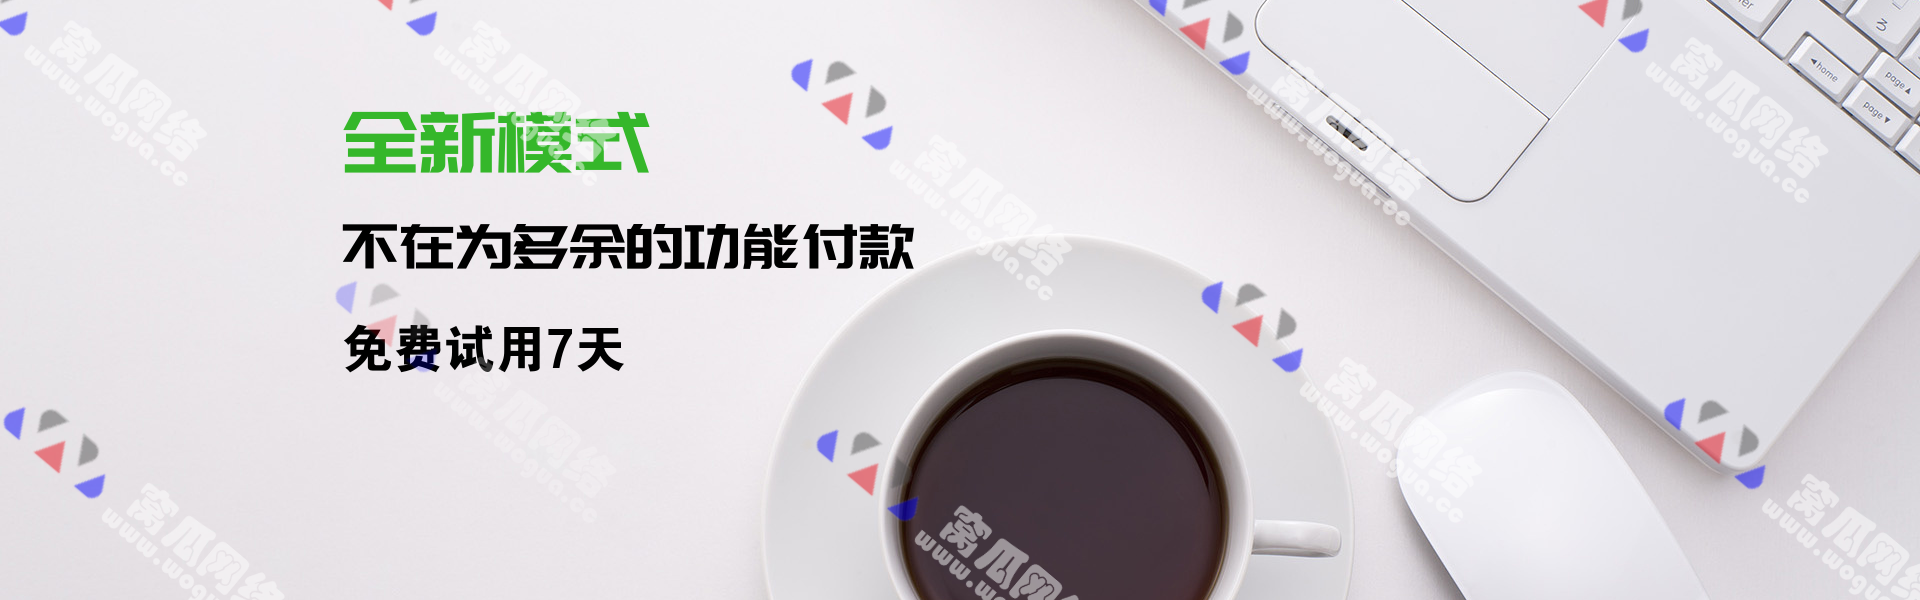 重庆微信小程序专注重庆小程序开发